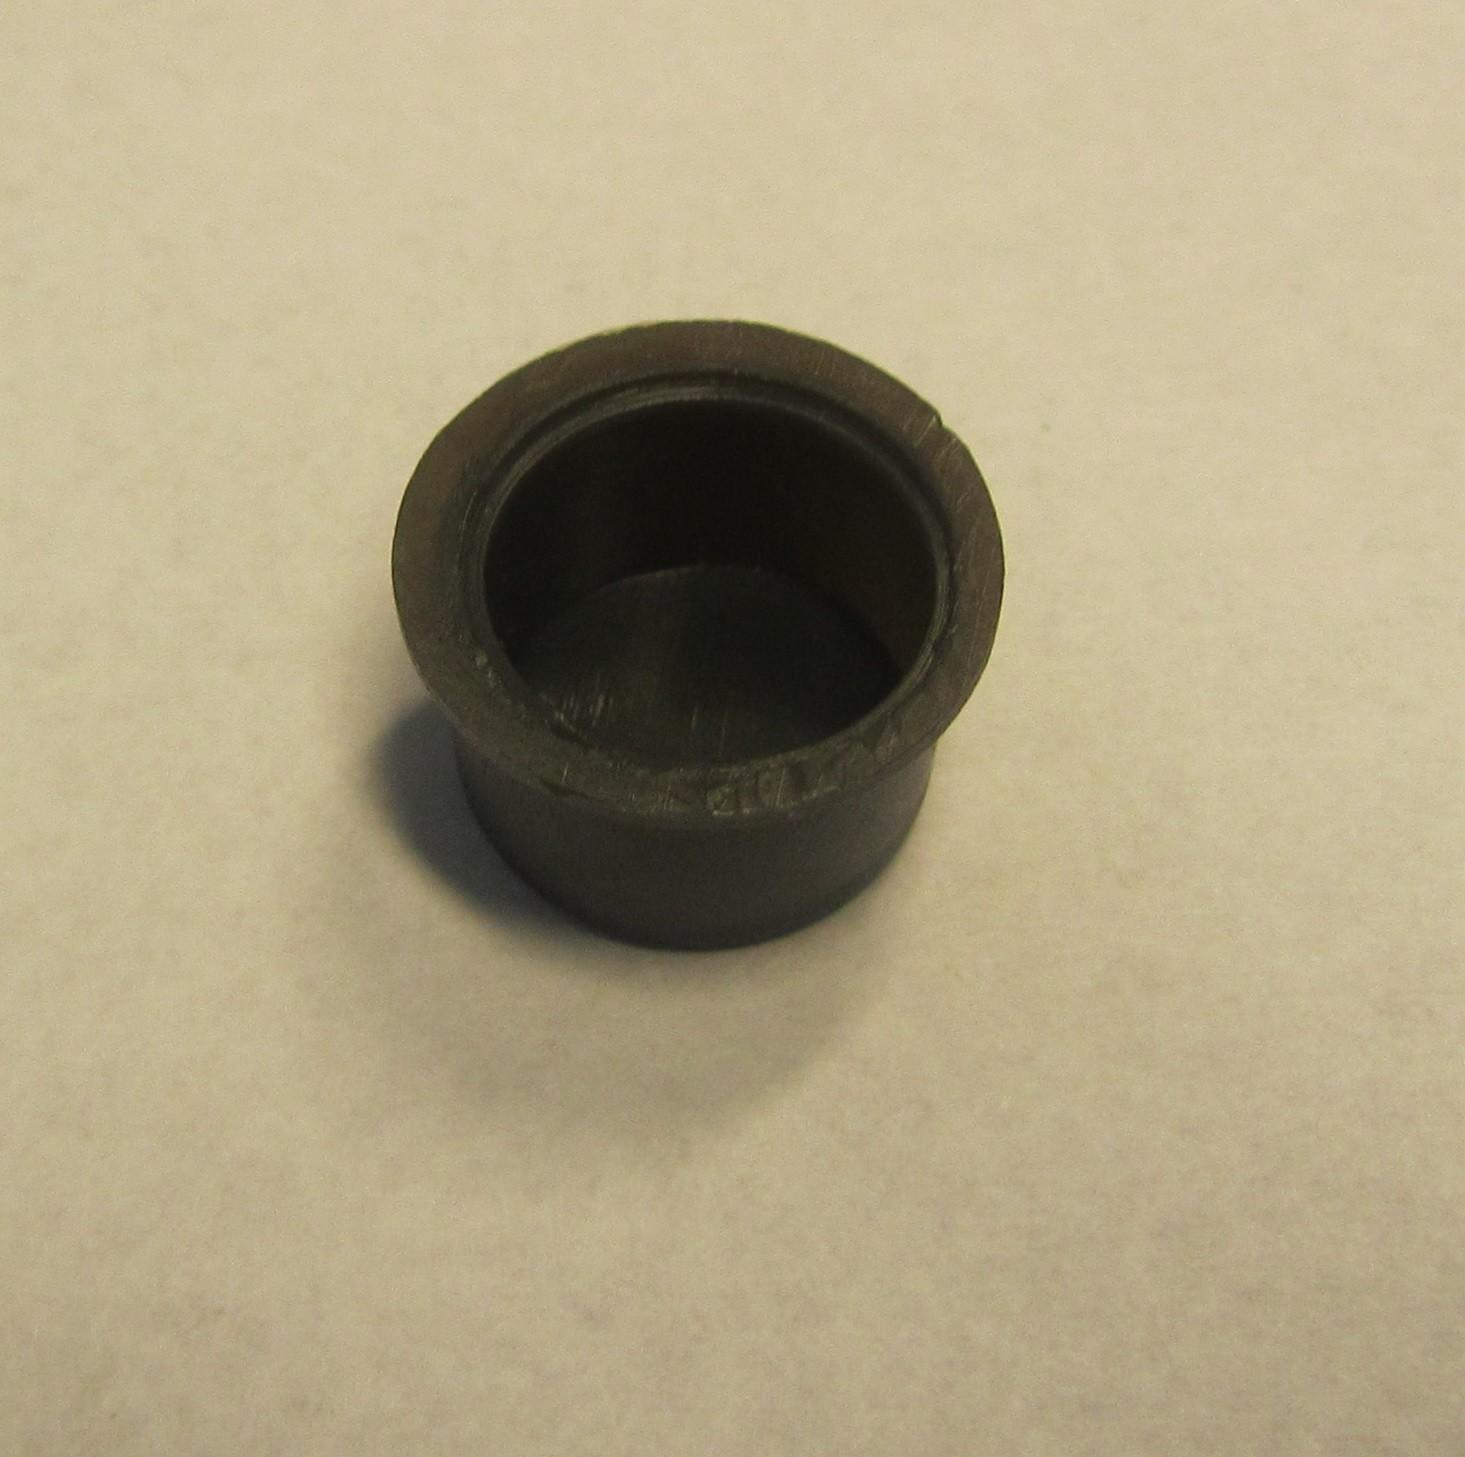 Endeprop til 12 mm. udstrømmerrør.